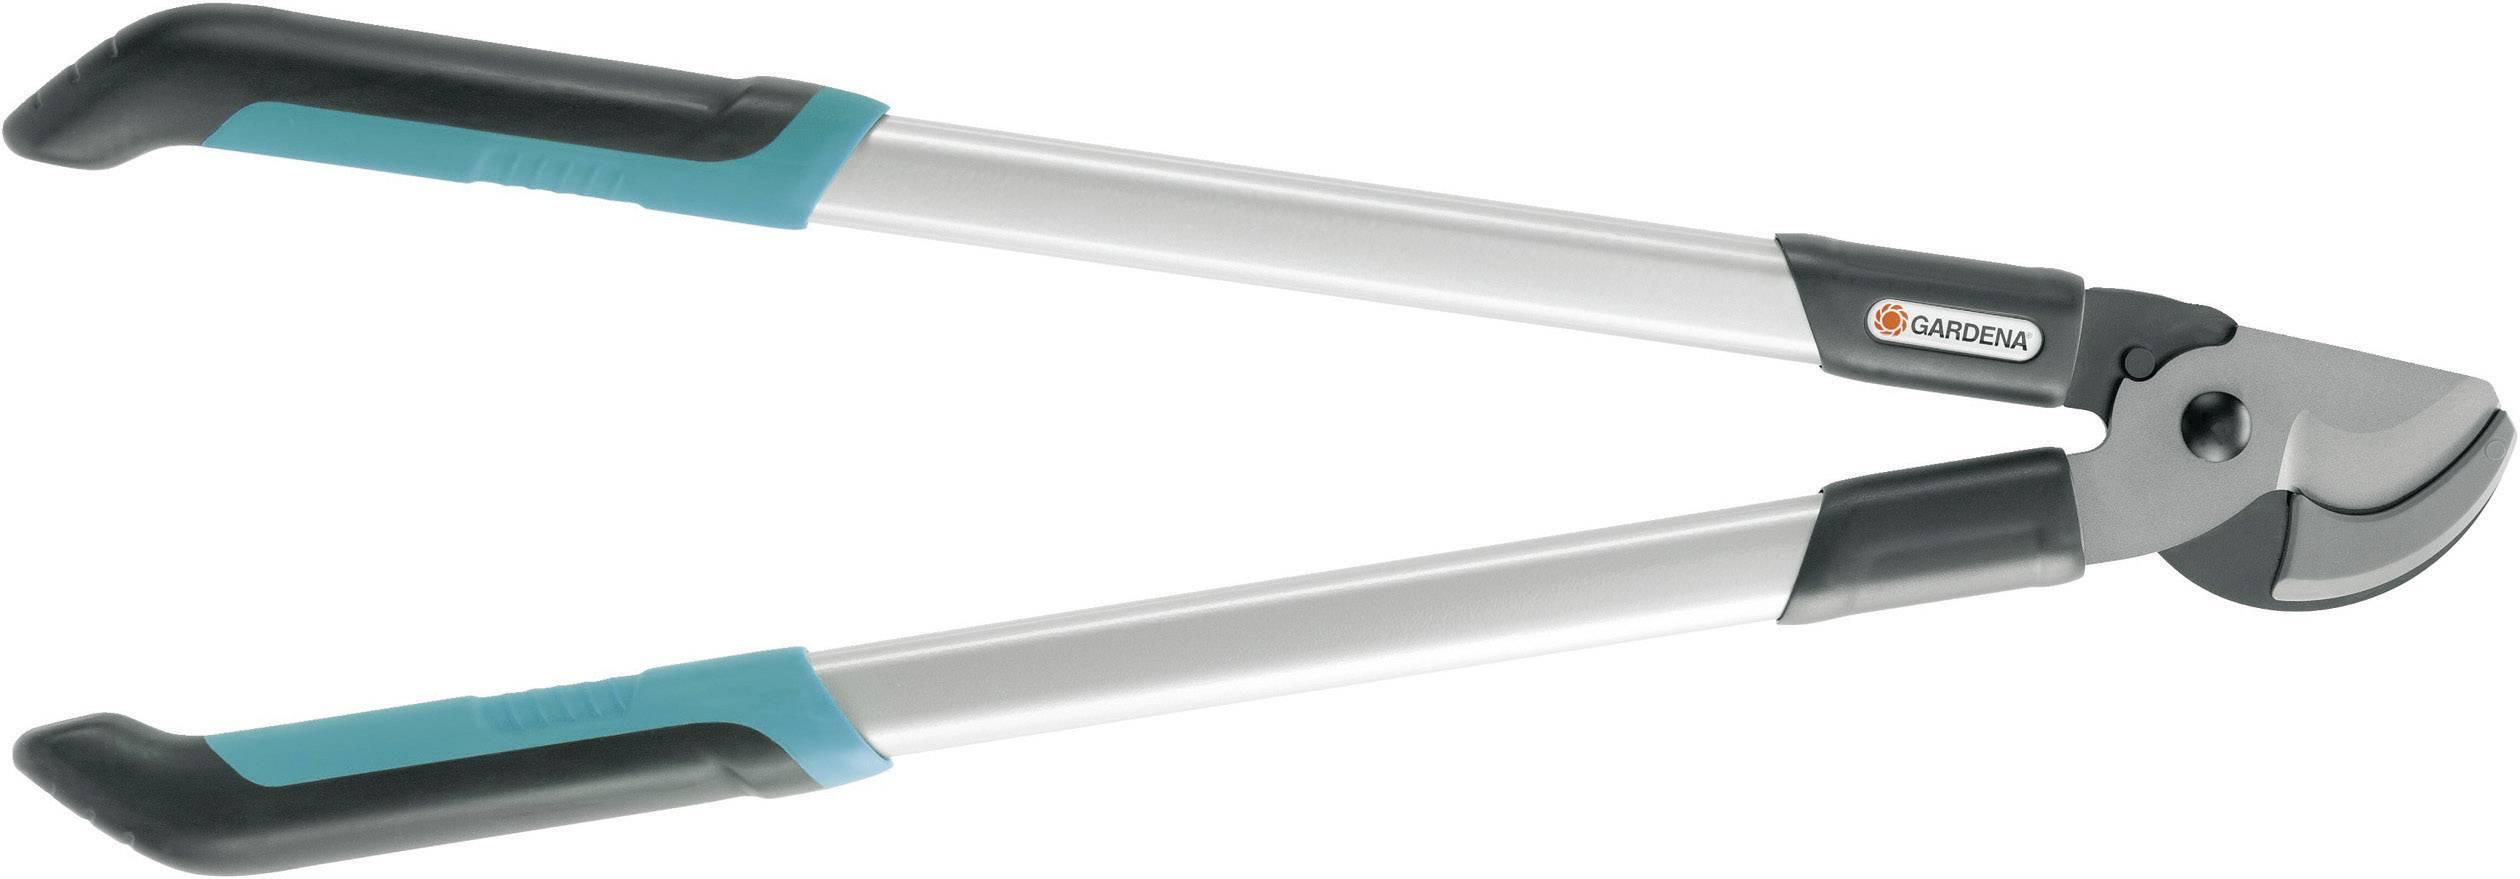 Nožnice na konáre GARDENA Classic 680A, 680 mm